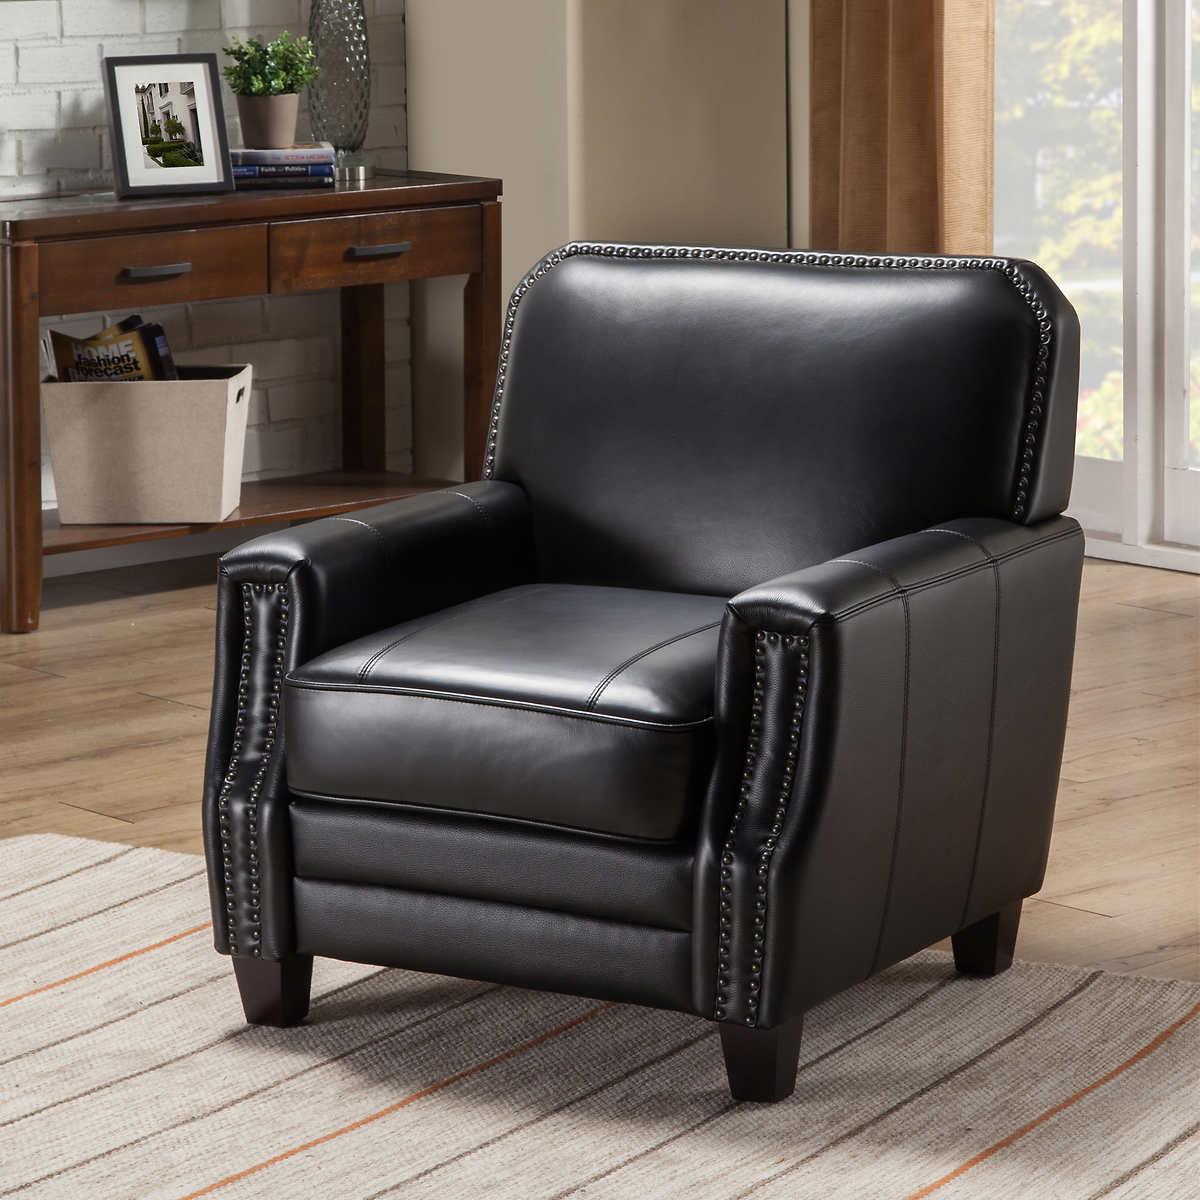 Armless club chairs - Hallandale Top Grain Leather Club Chair Black